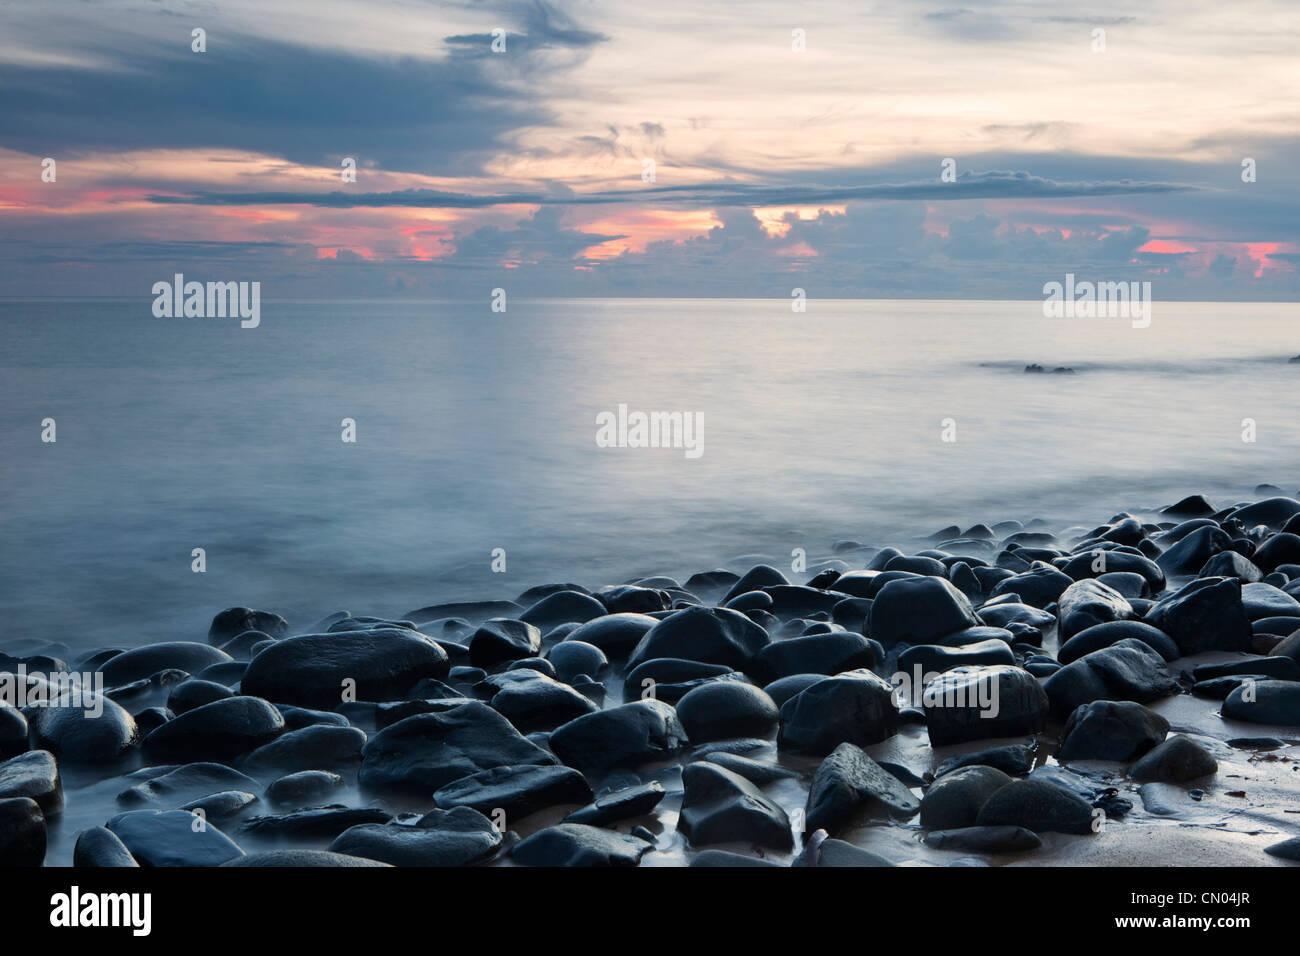 Olas rompiendo rocas en la playa de guijarros en la madrugada, cerca de Cairns, Queensland, Australia Imagen De Stock